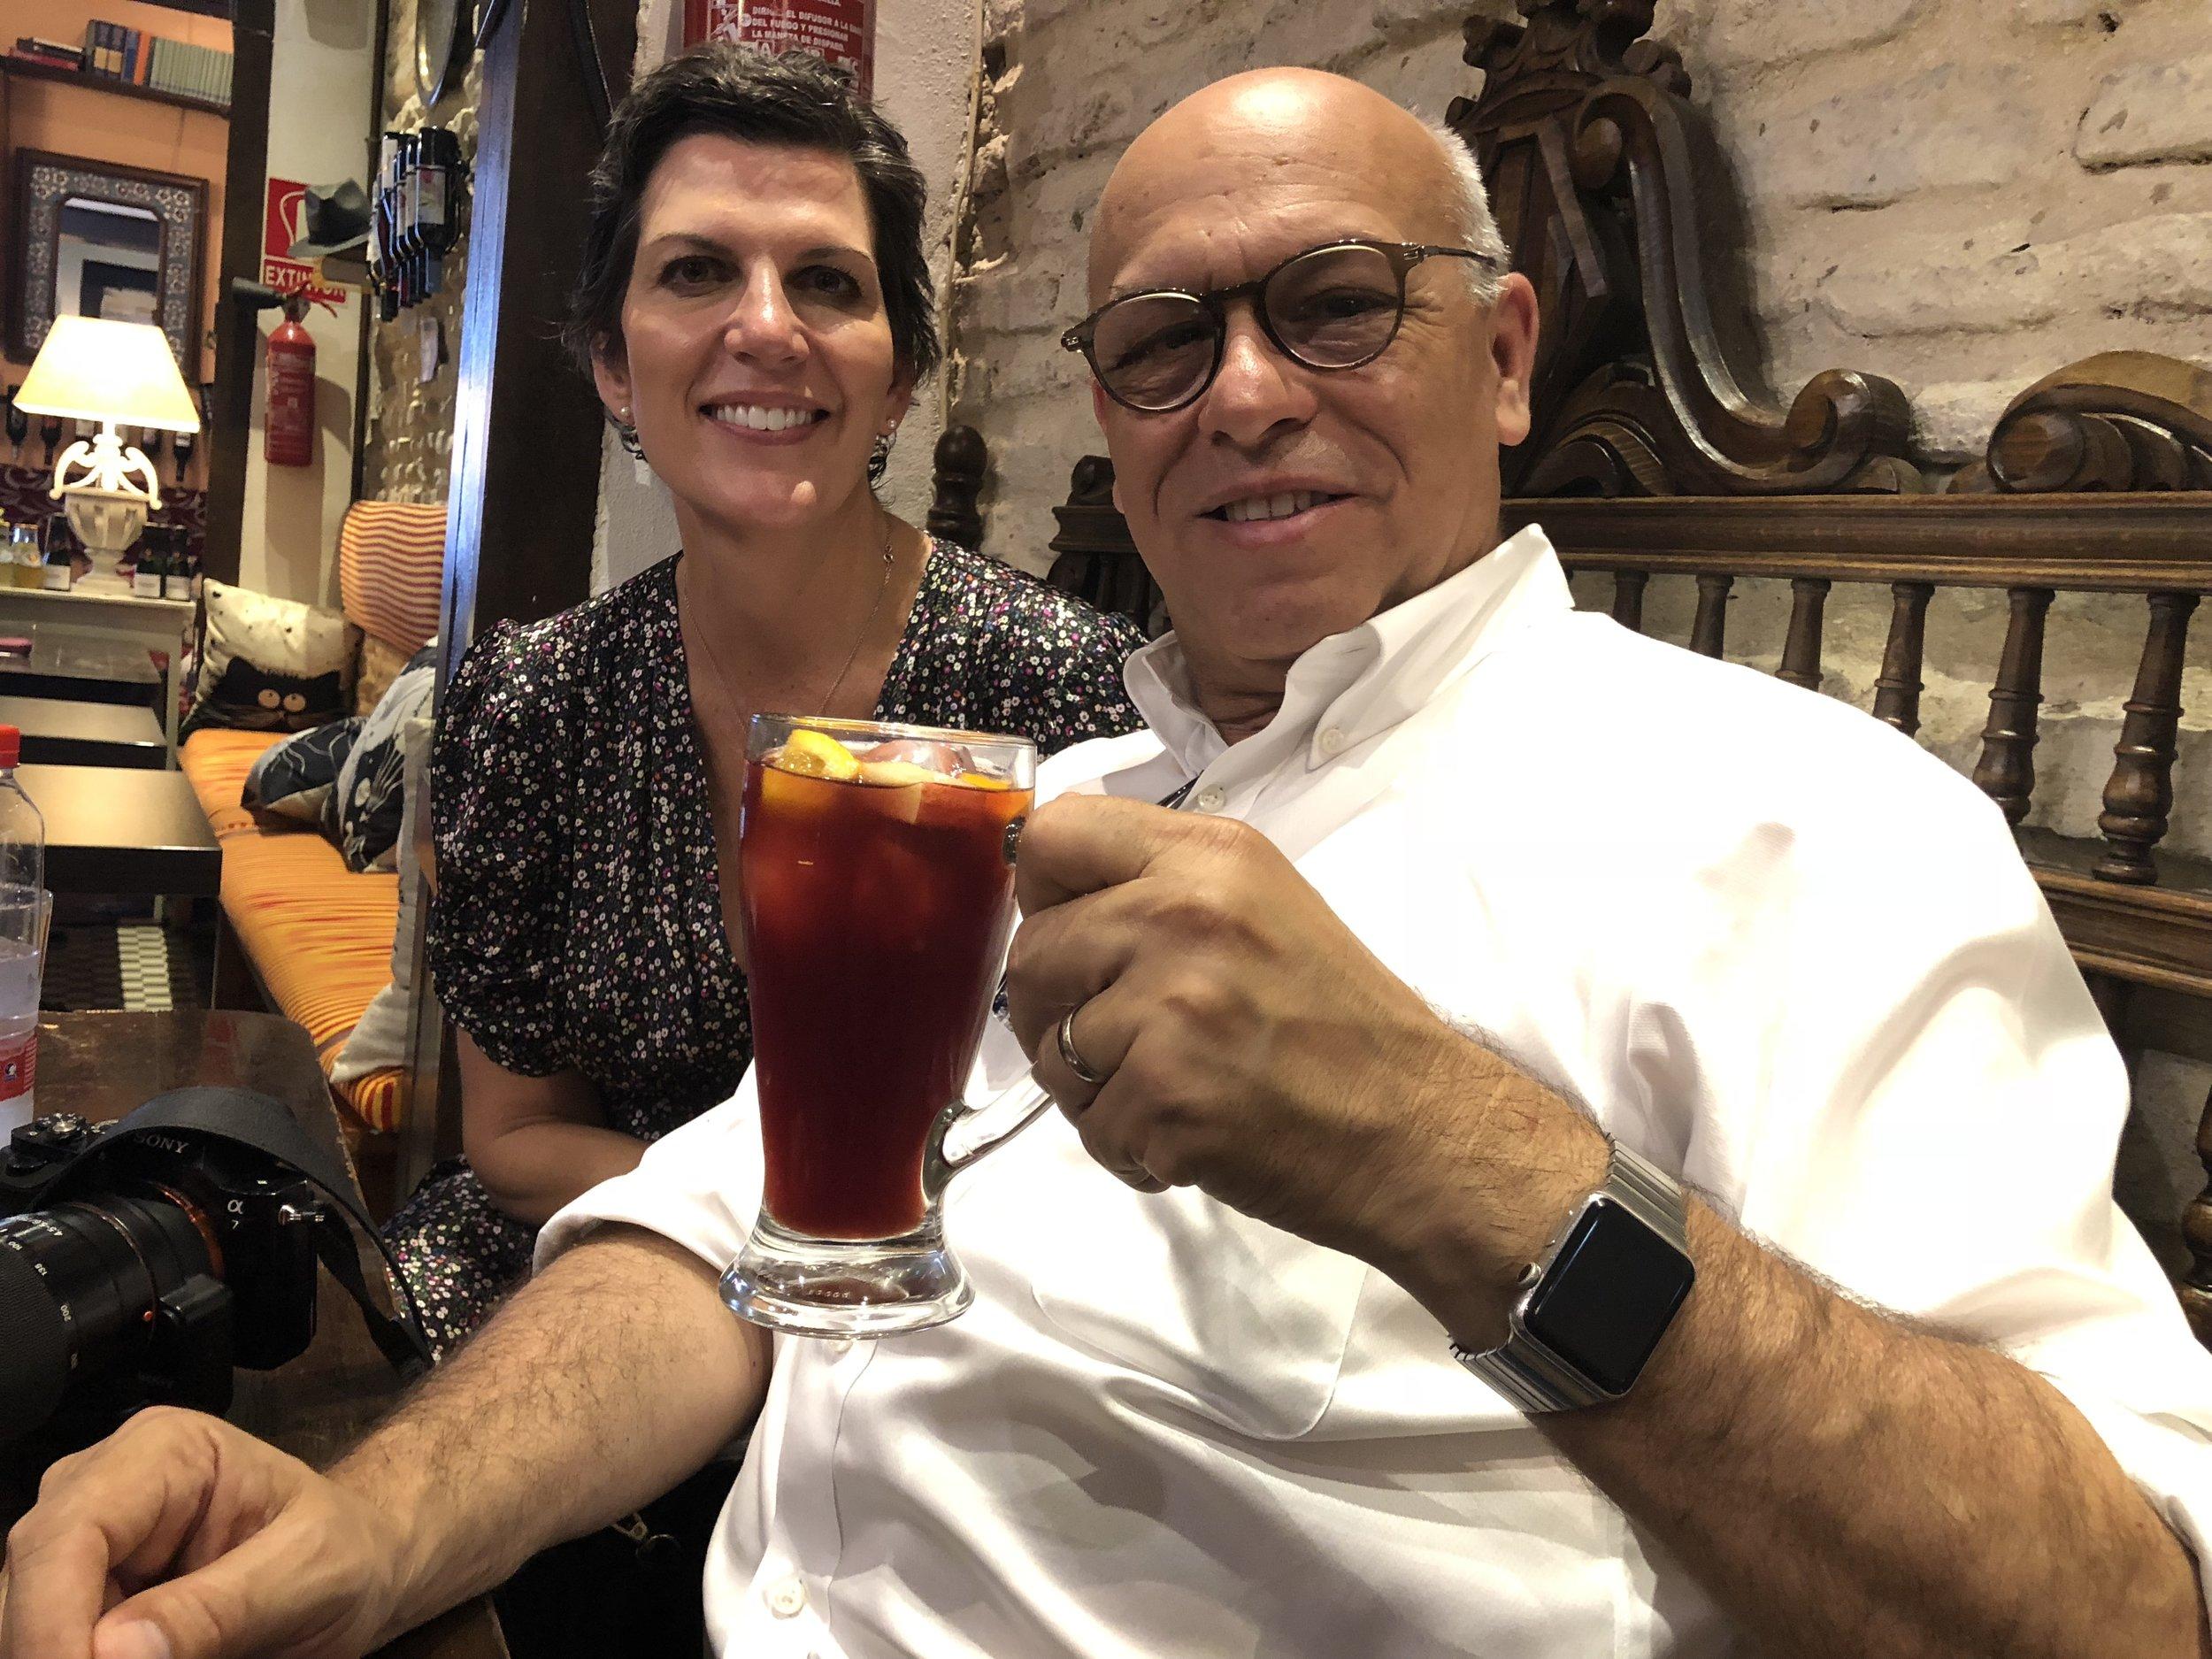 Enjoying a sangria in Spain 2018